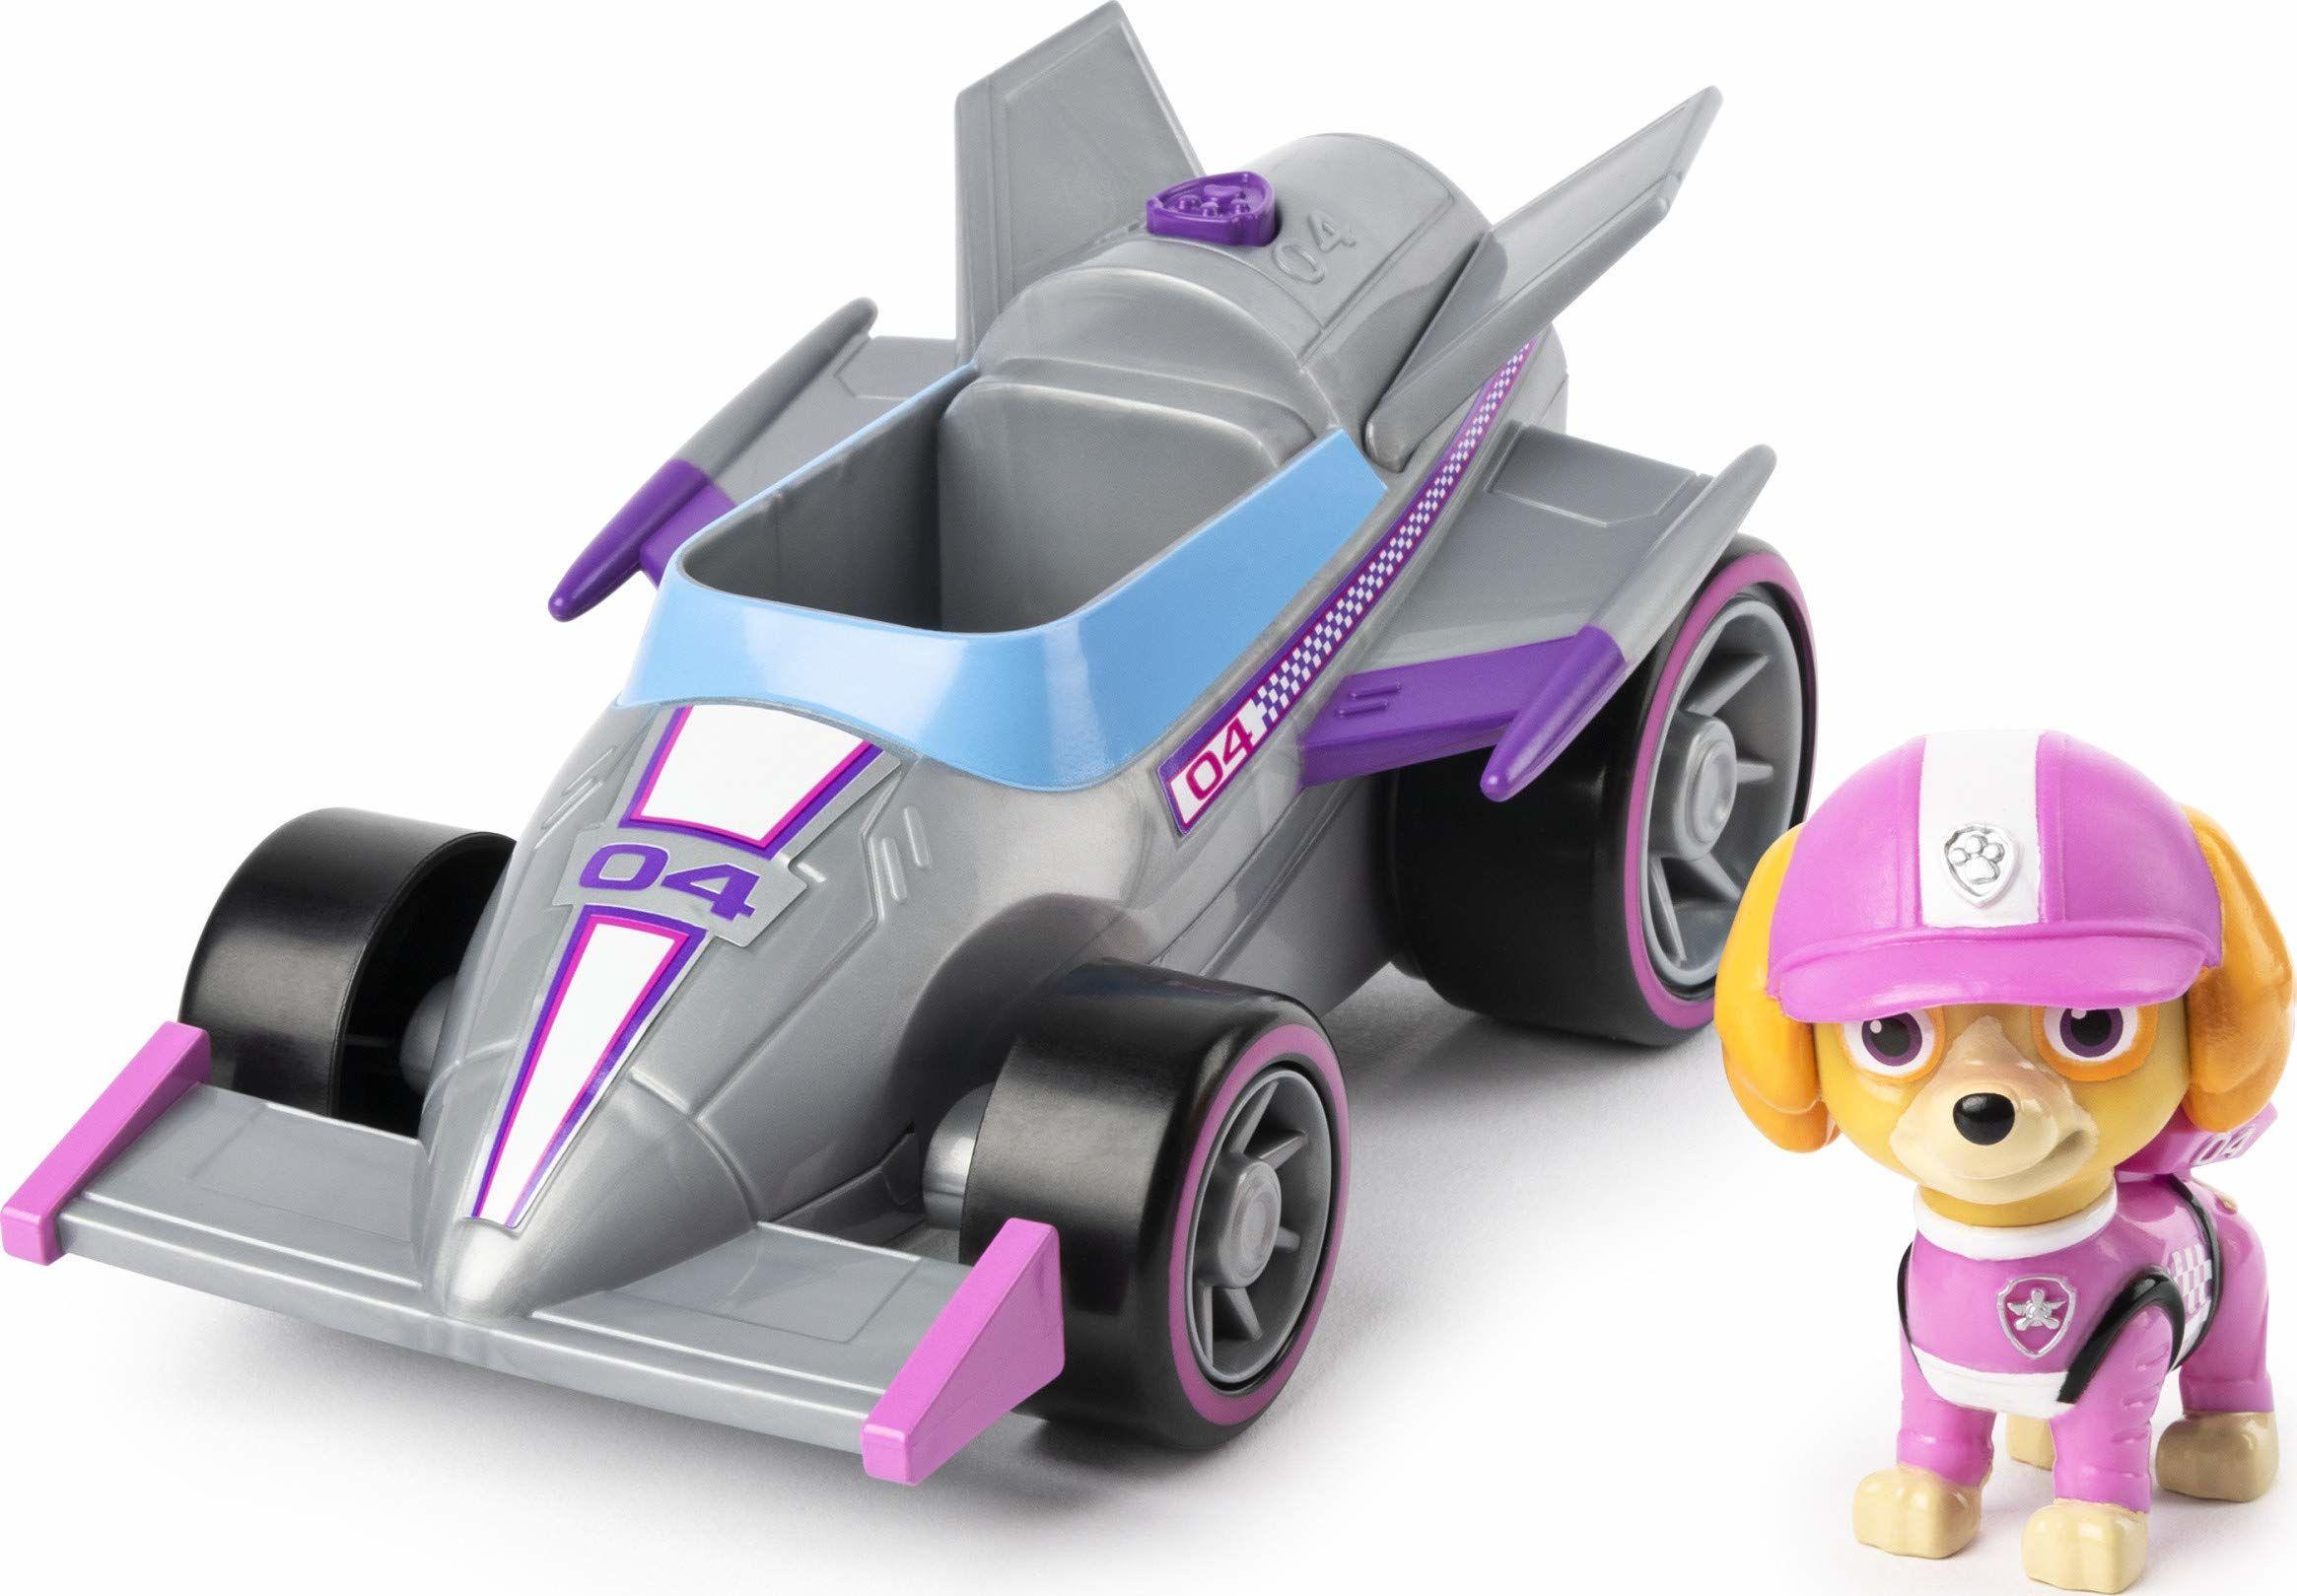 PAW Patrol Ready, Race, Rescue Skye''s Race and Go Deluxe pojazd z dźwiękami, dla dzieci w wieku od 3 lat,